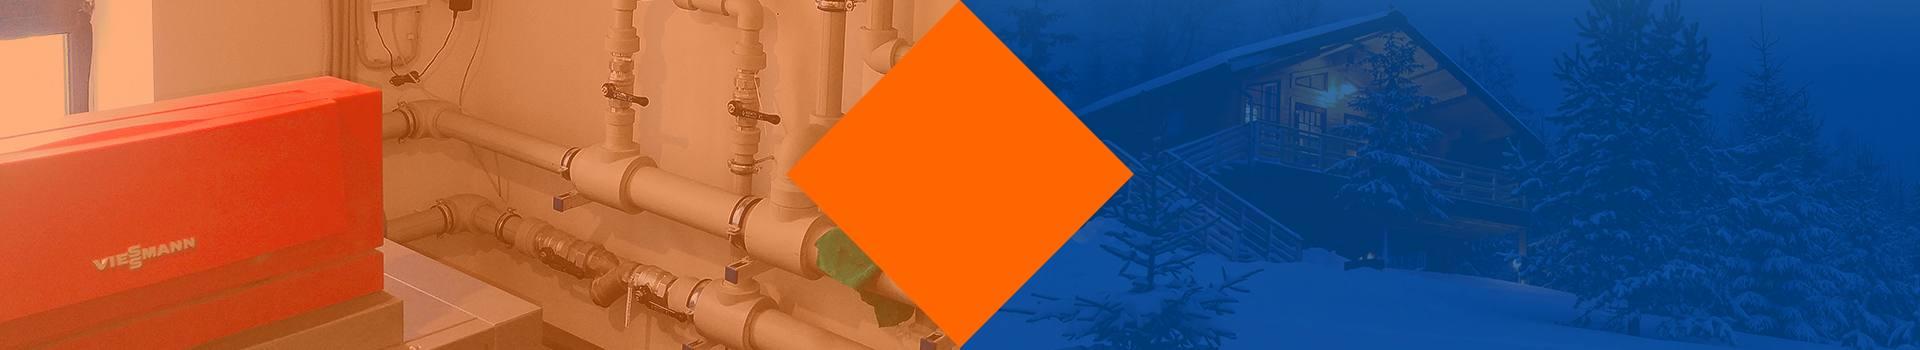 Газовые котлы Viessmann для котельной вашего дома